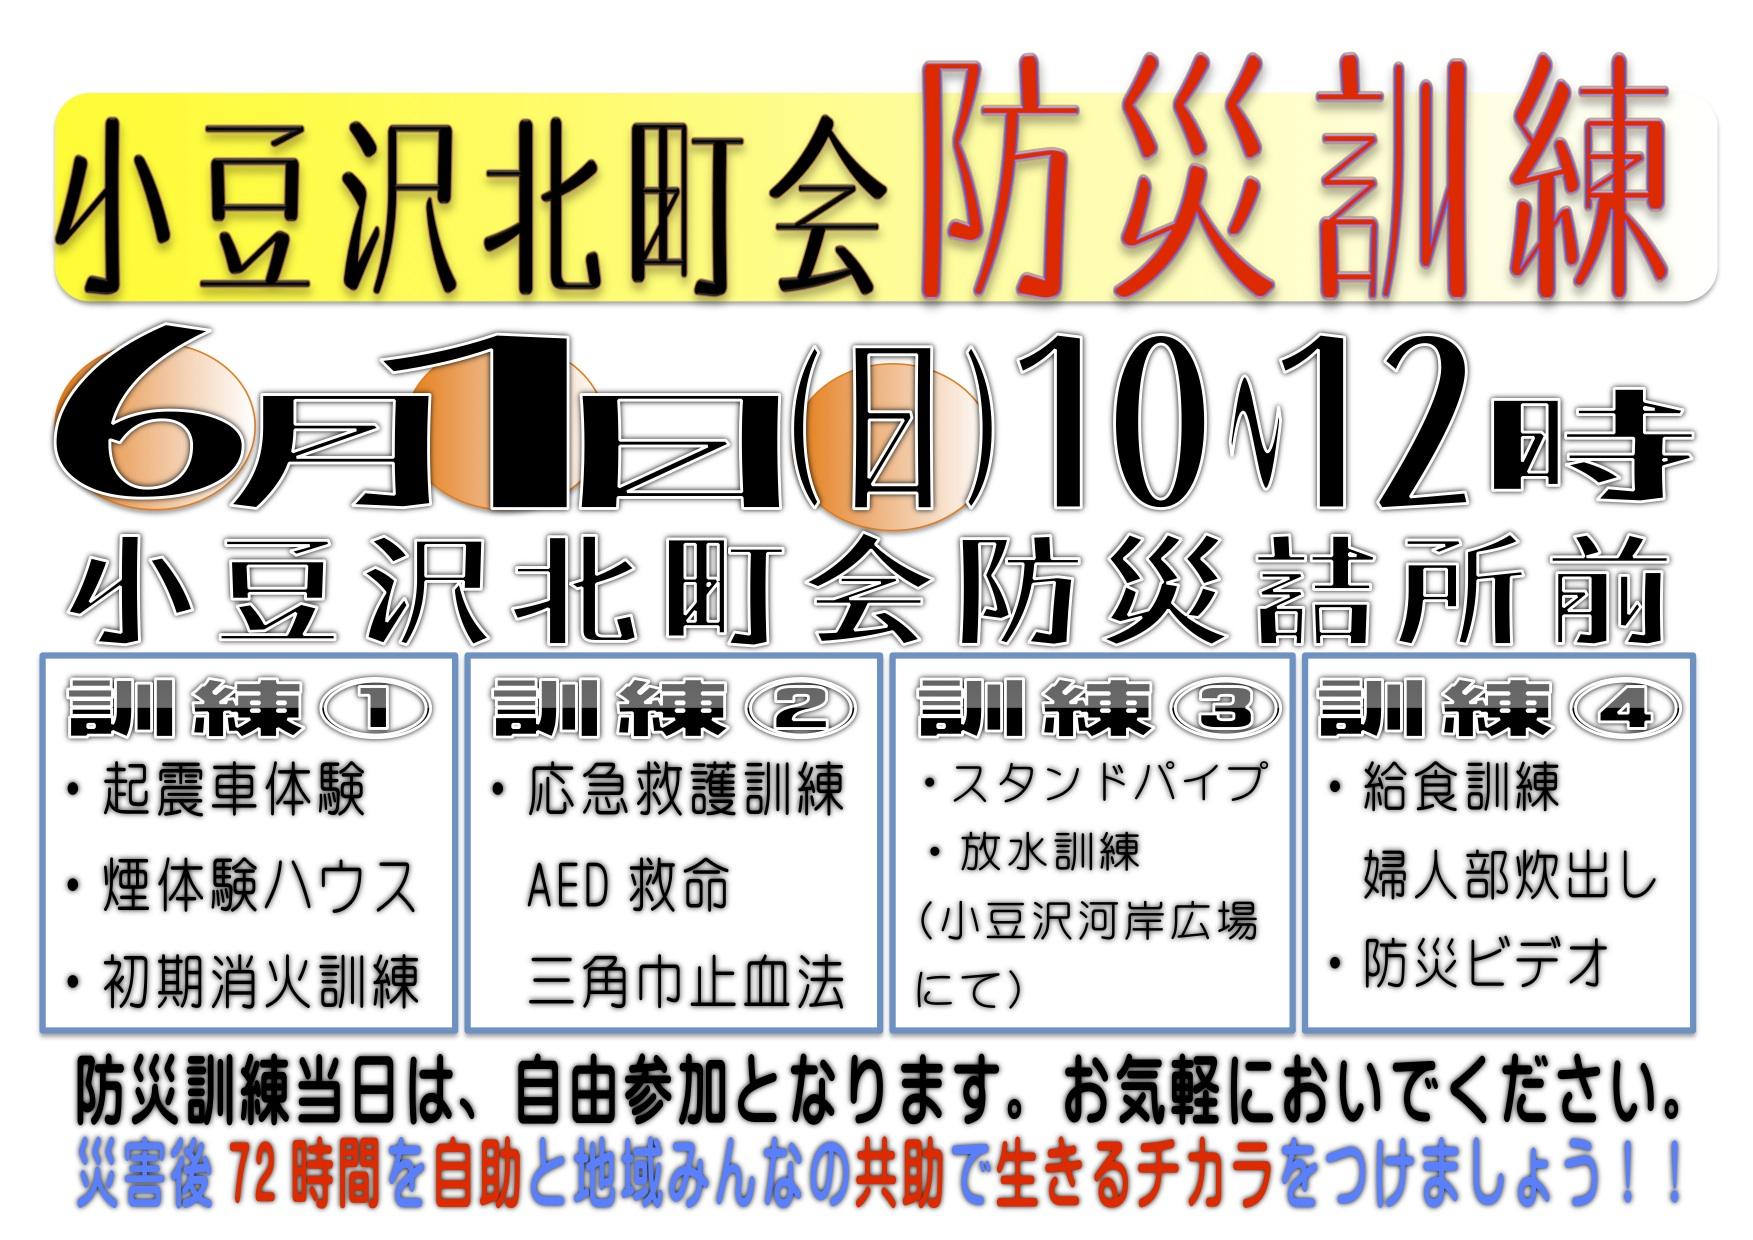 2014年6月1日(日)小豆沢北町会防災訓練